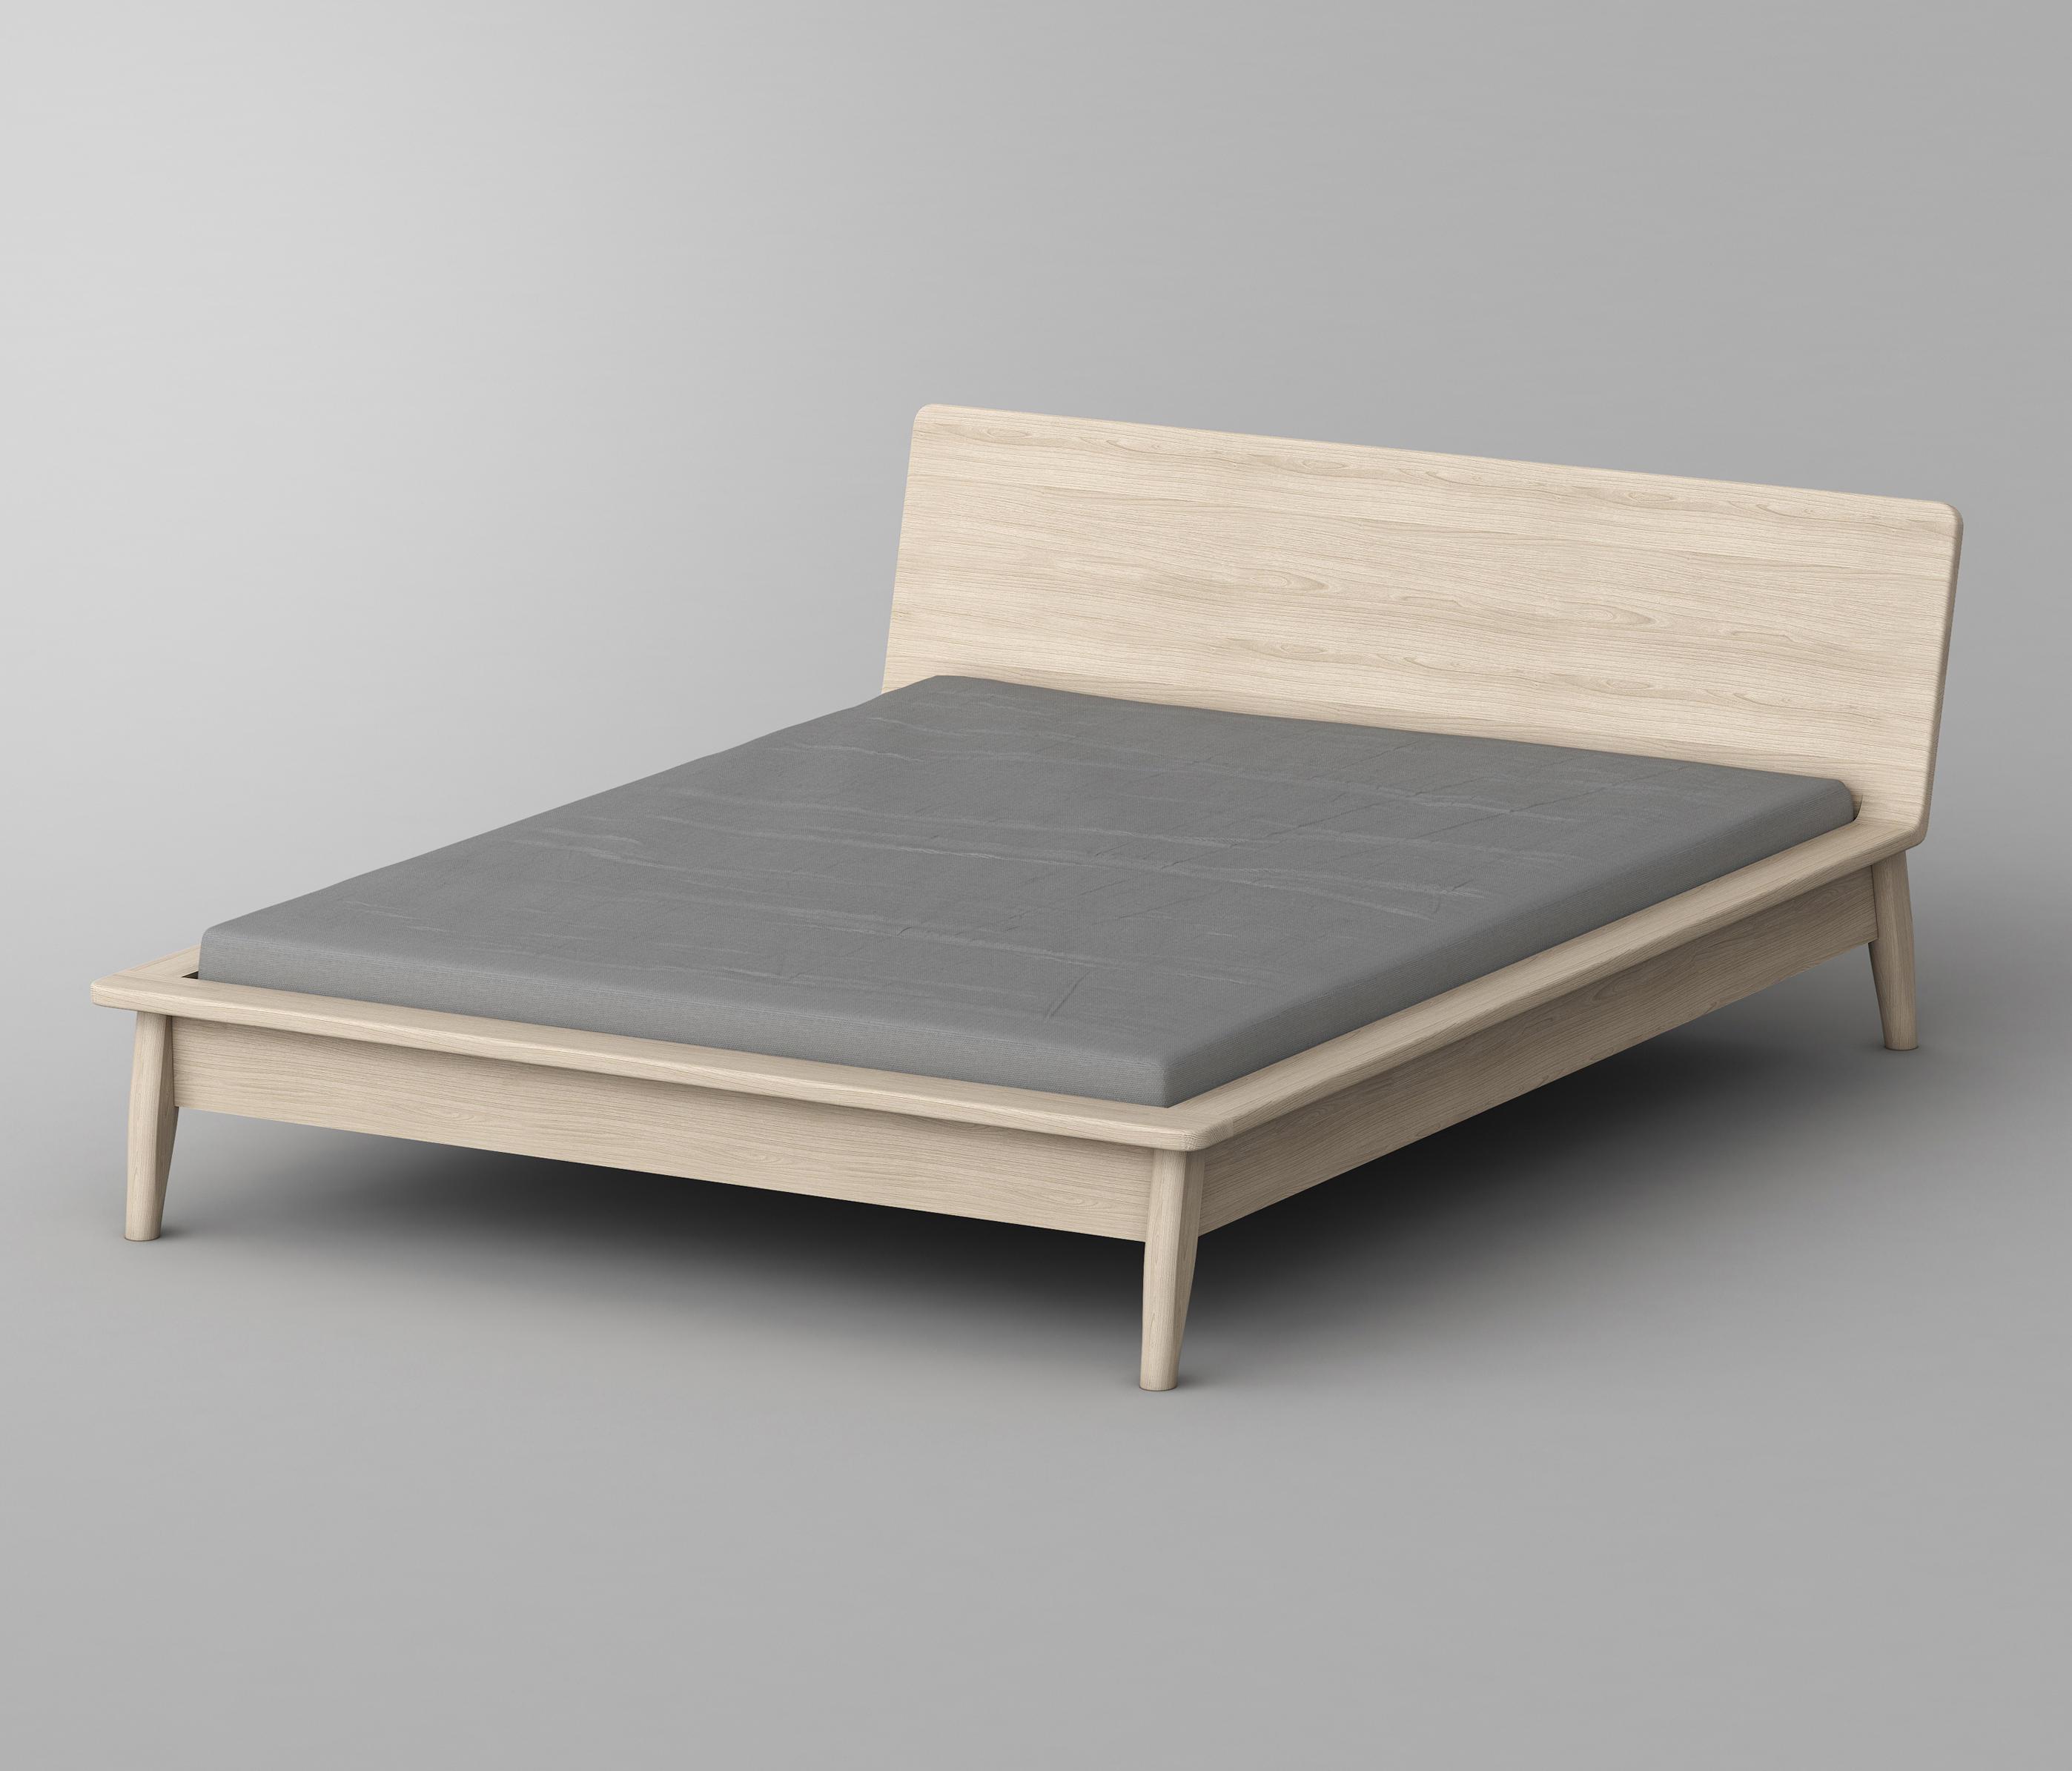 aetas bett 3 b Frisch top Bett Designs Pkt6